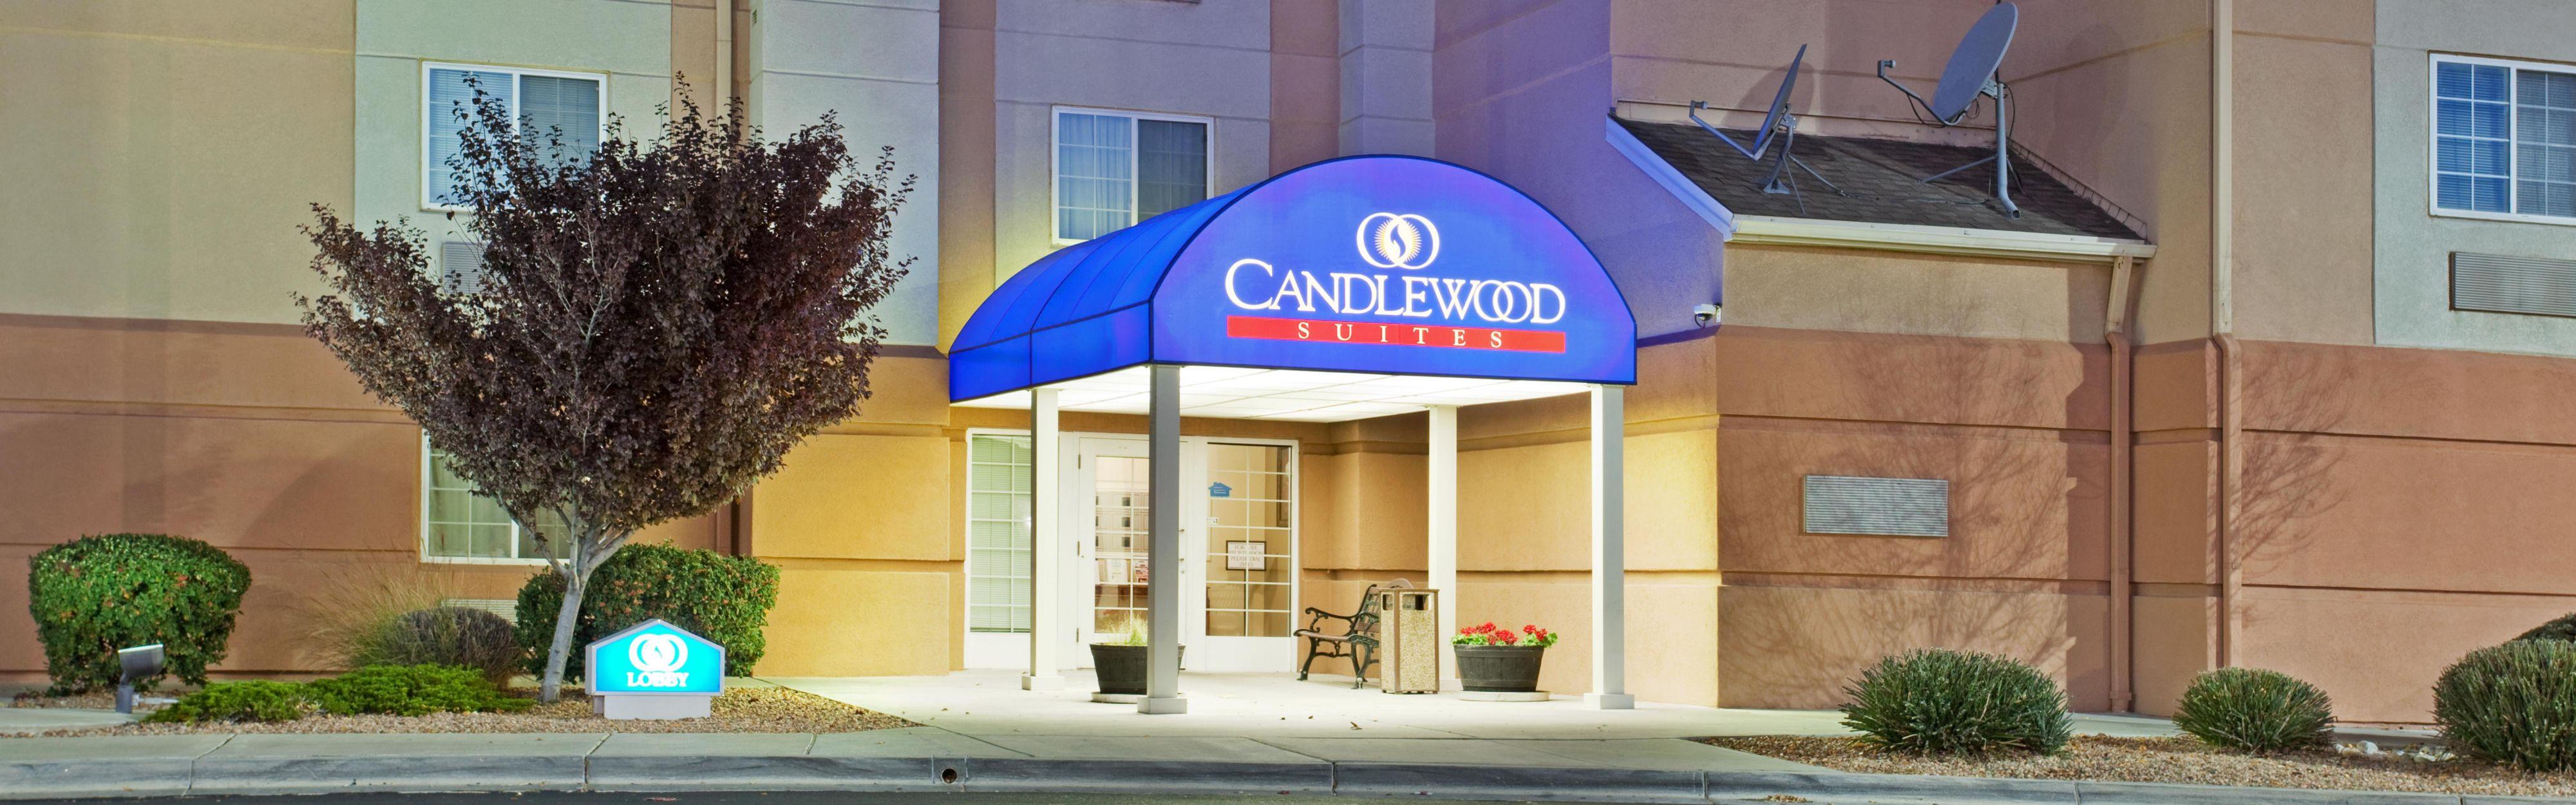 Candlewood Suites Albuquerque image 0